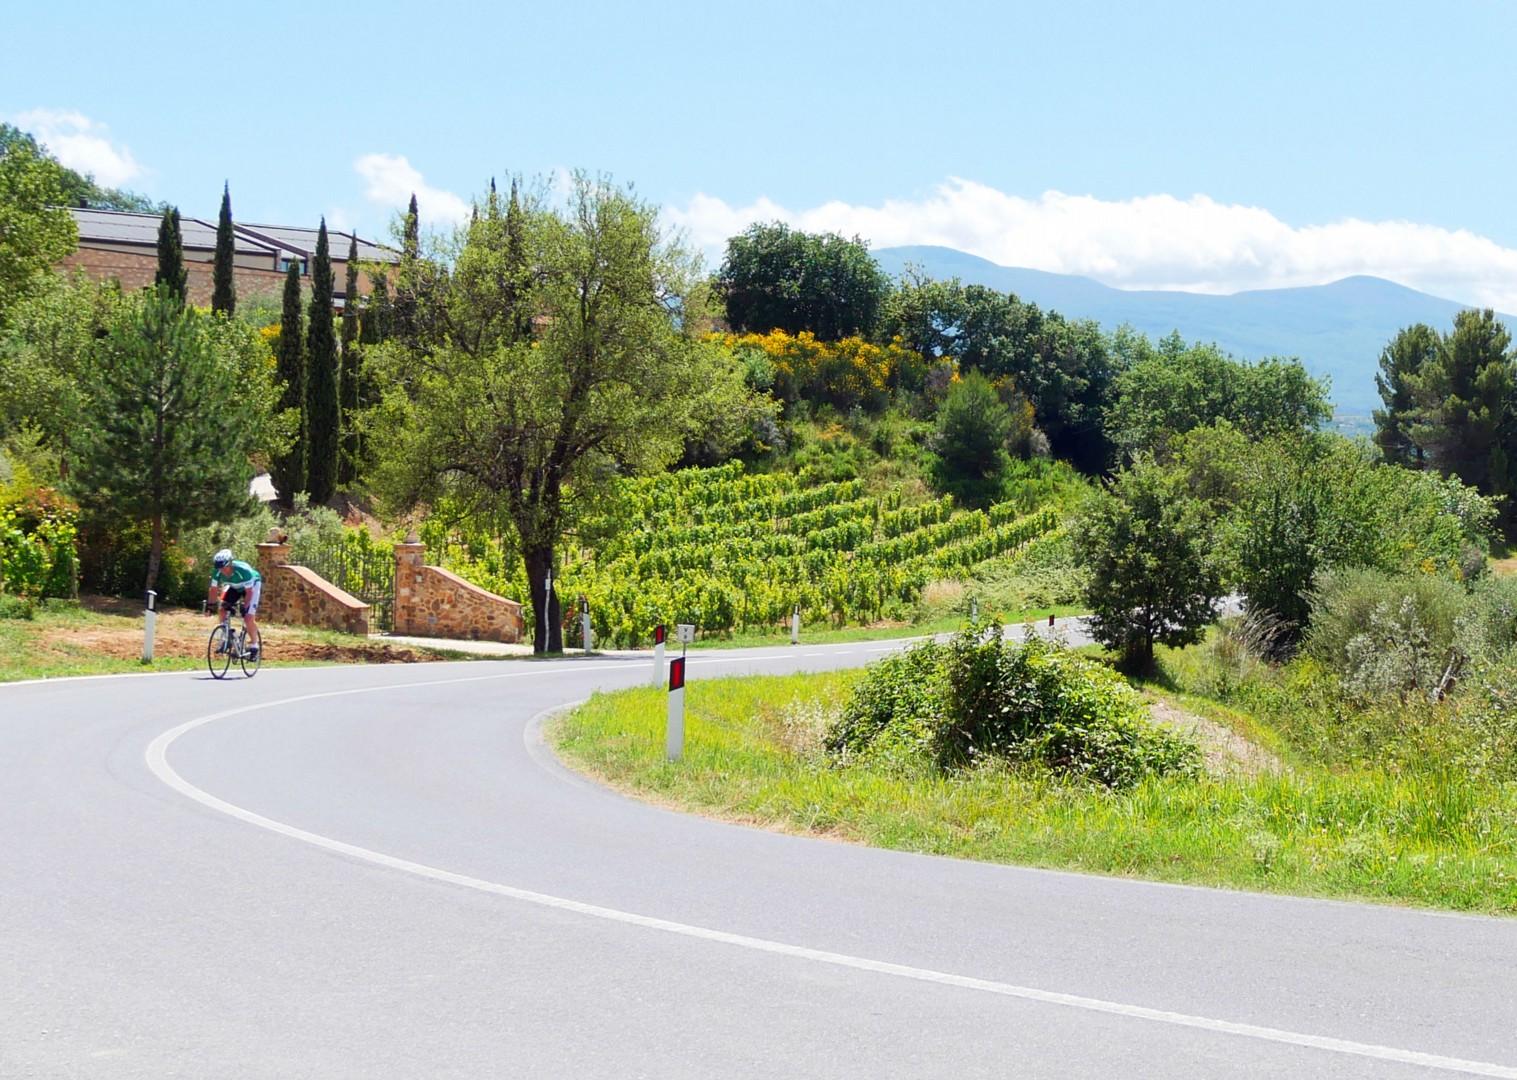 italy-tuscany-cycling-holiday.jpg - Italy - Tuscany Tourer - Guided Road Cycling Holiday - Italia Road Cycling